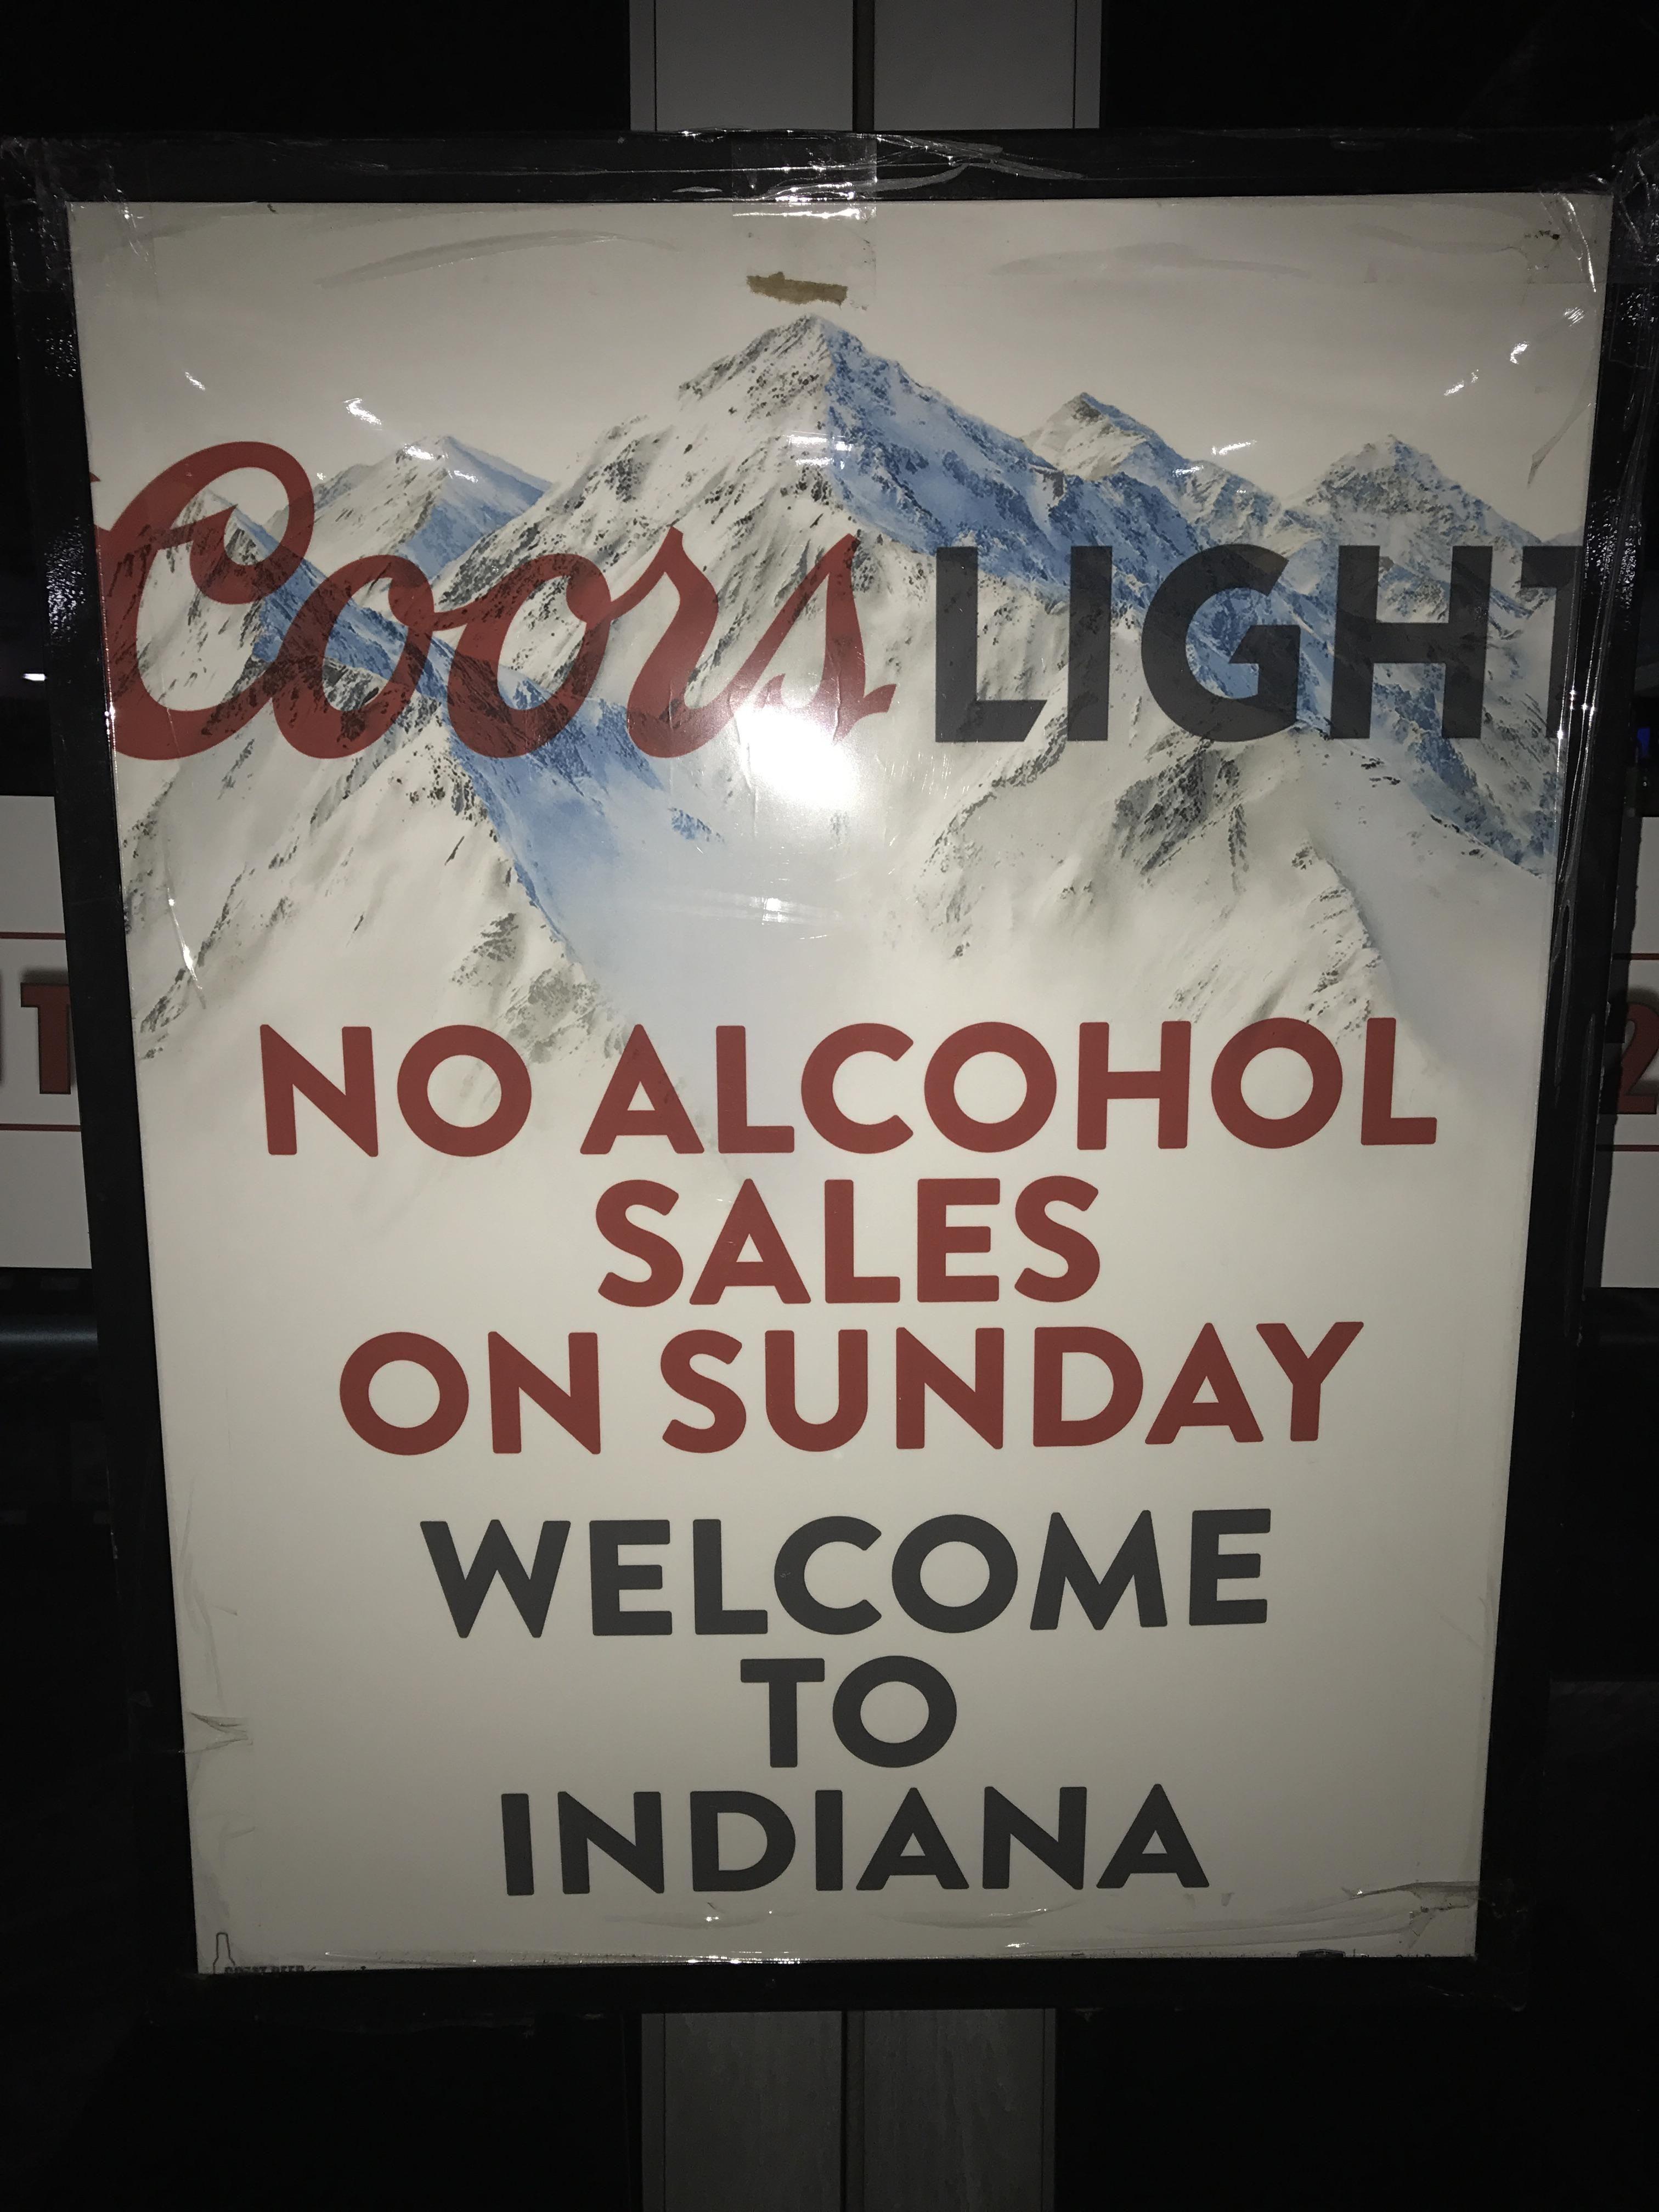 Friendly reminder that Indiana still sucks